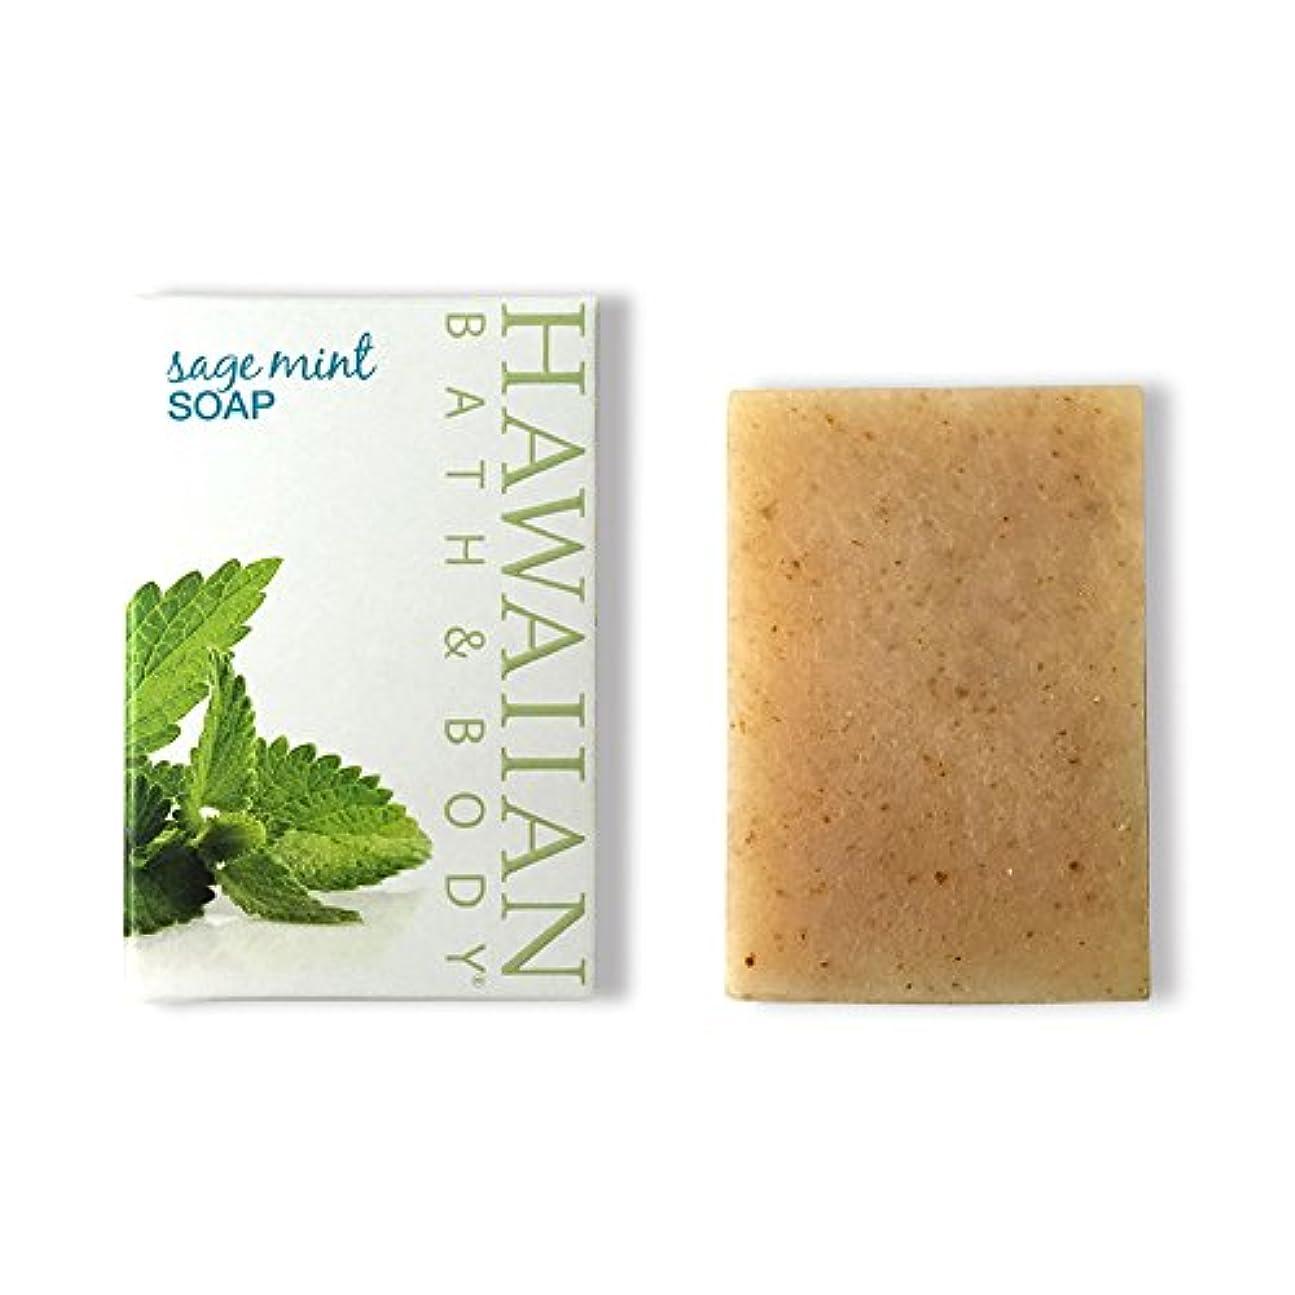 ハワイアンバス&ボディ セージ?ミントソープ(オーシャンミント)( Sage Mint Soap )